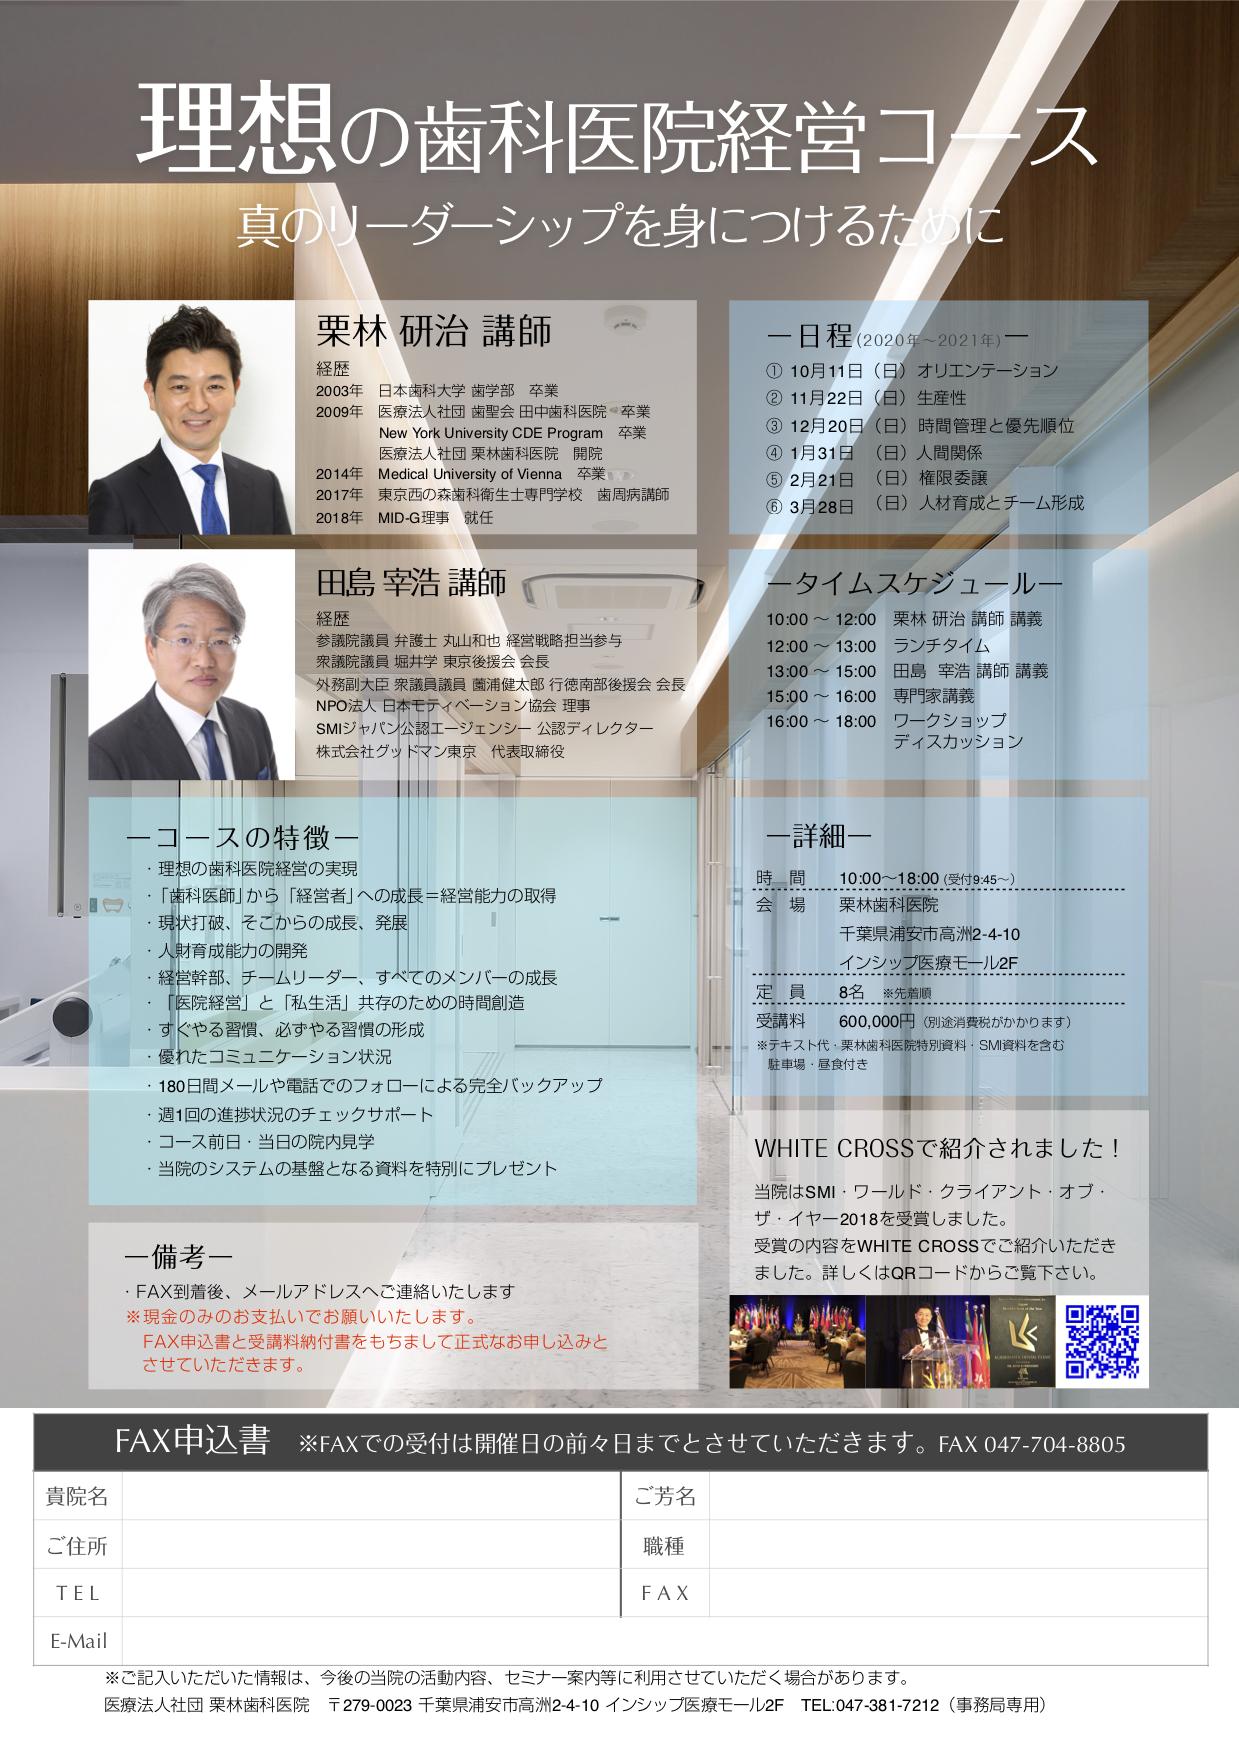 理想の歯科医院経営コース6期(2019.7.26)